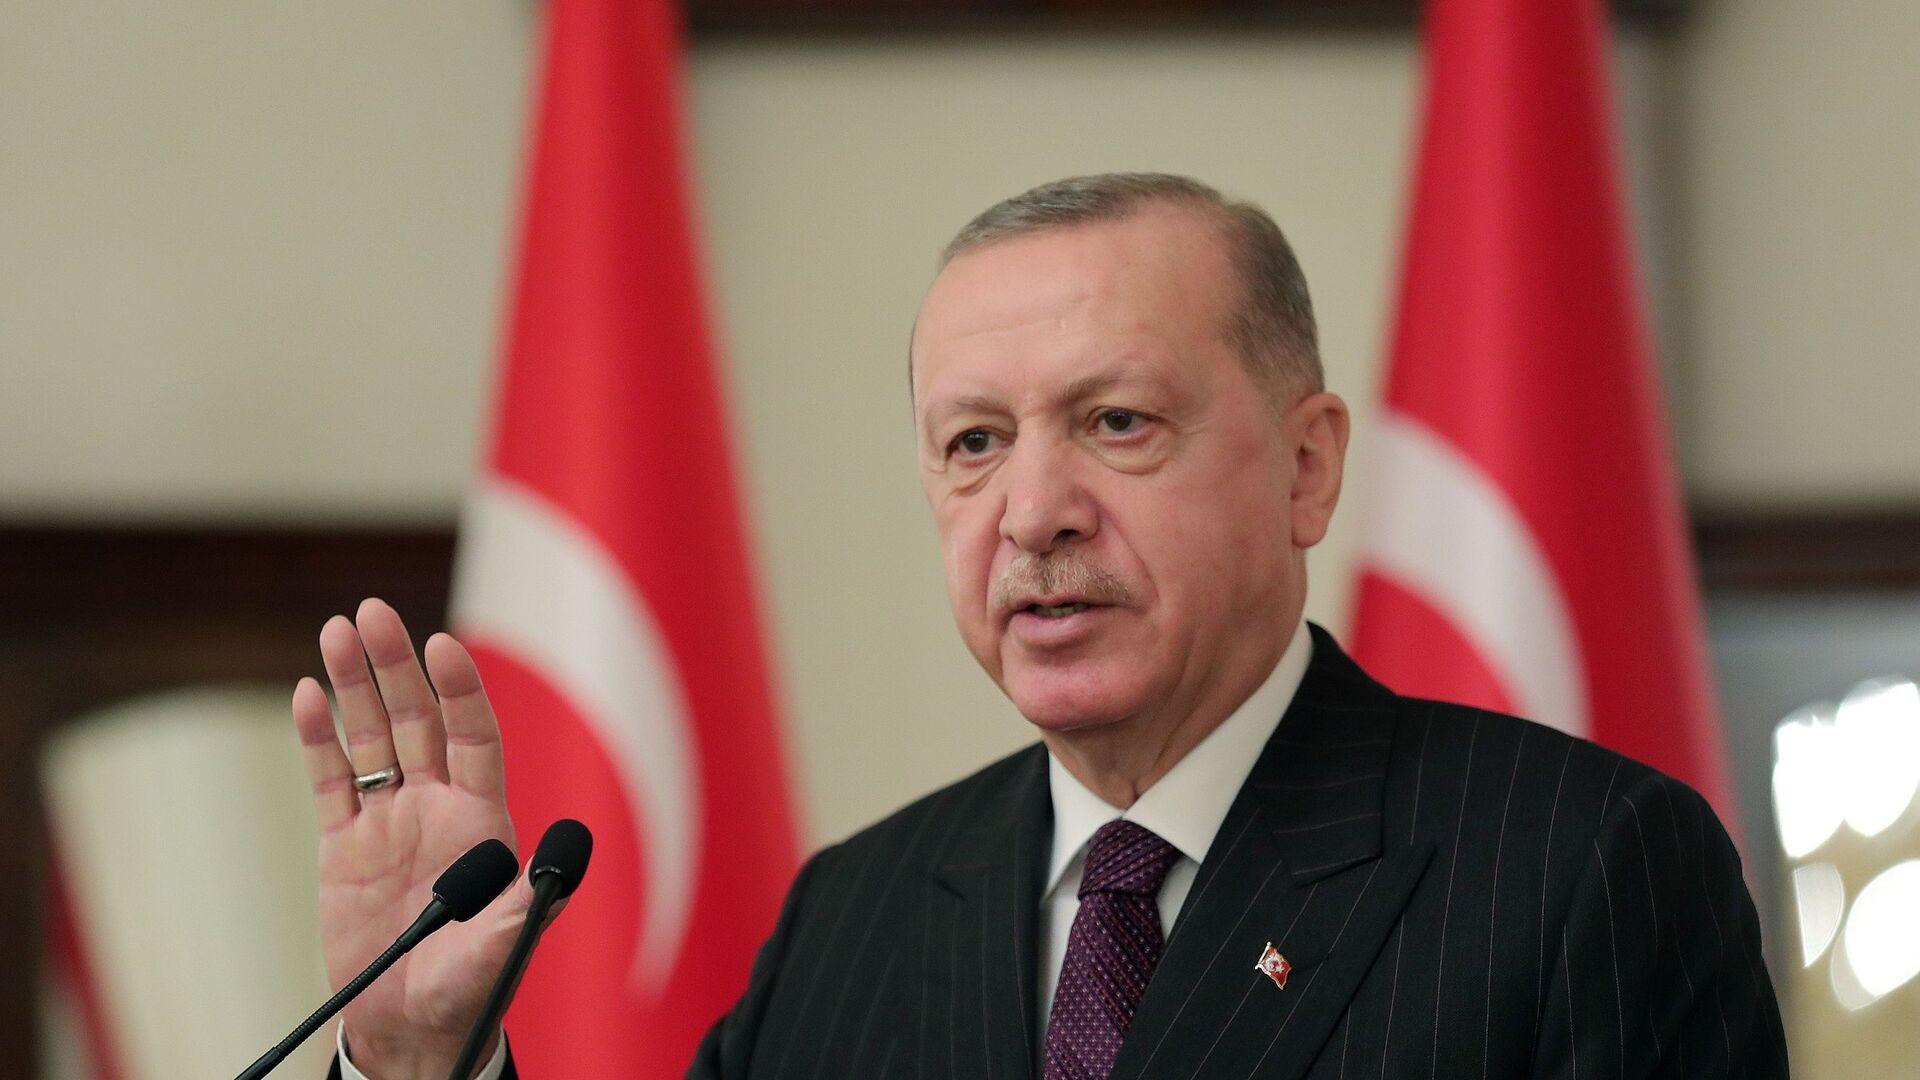 Recep Tayyip Erdogan, presidente de Turquía - Sputnik Mundo, 1920, 19.03.2021